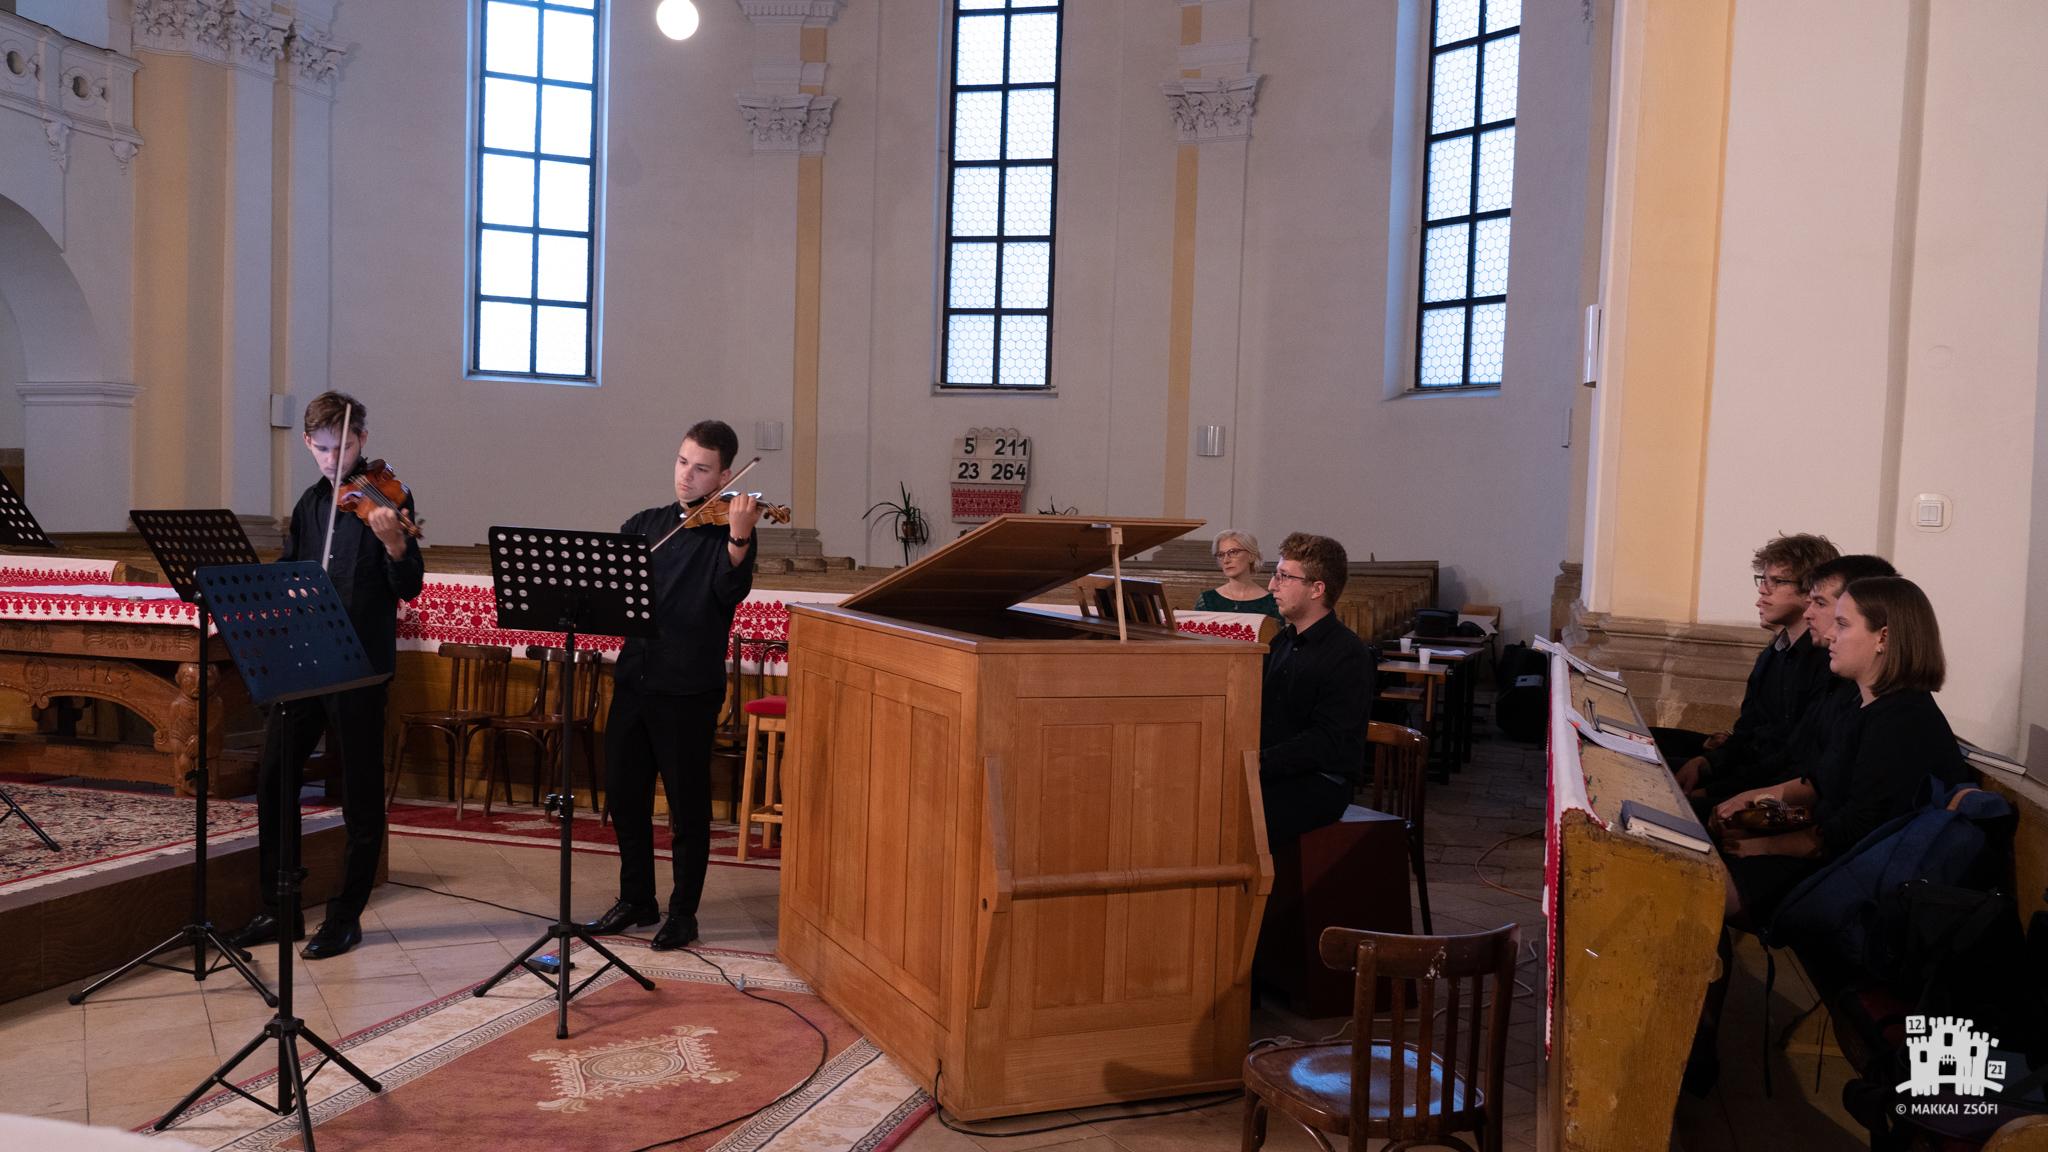 Via Redemptoris – barokk koncert a La Pellegrina21 előadásában